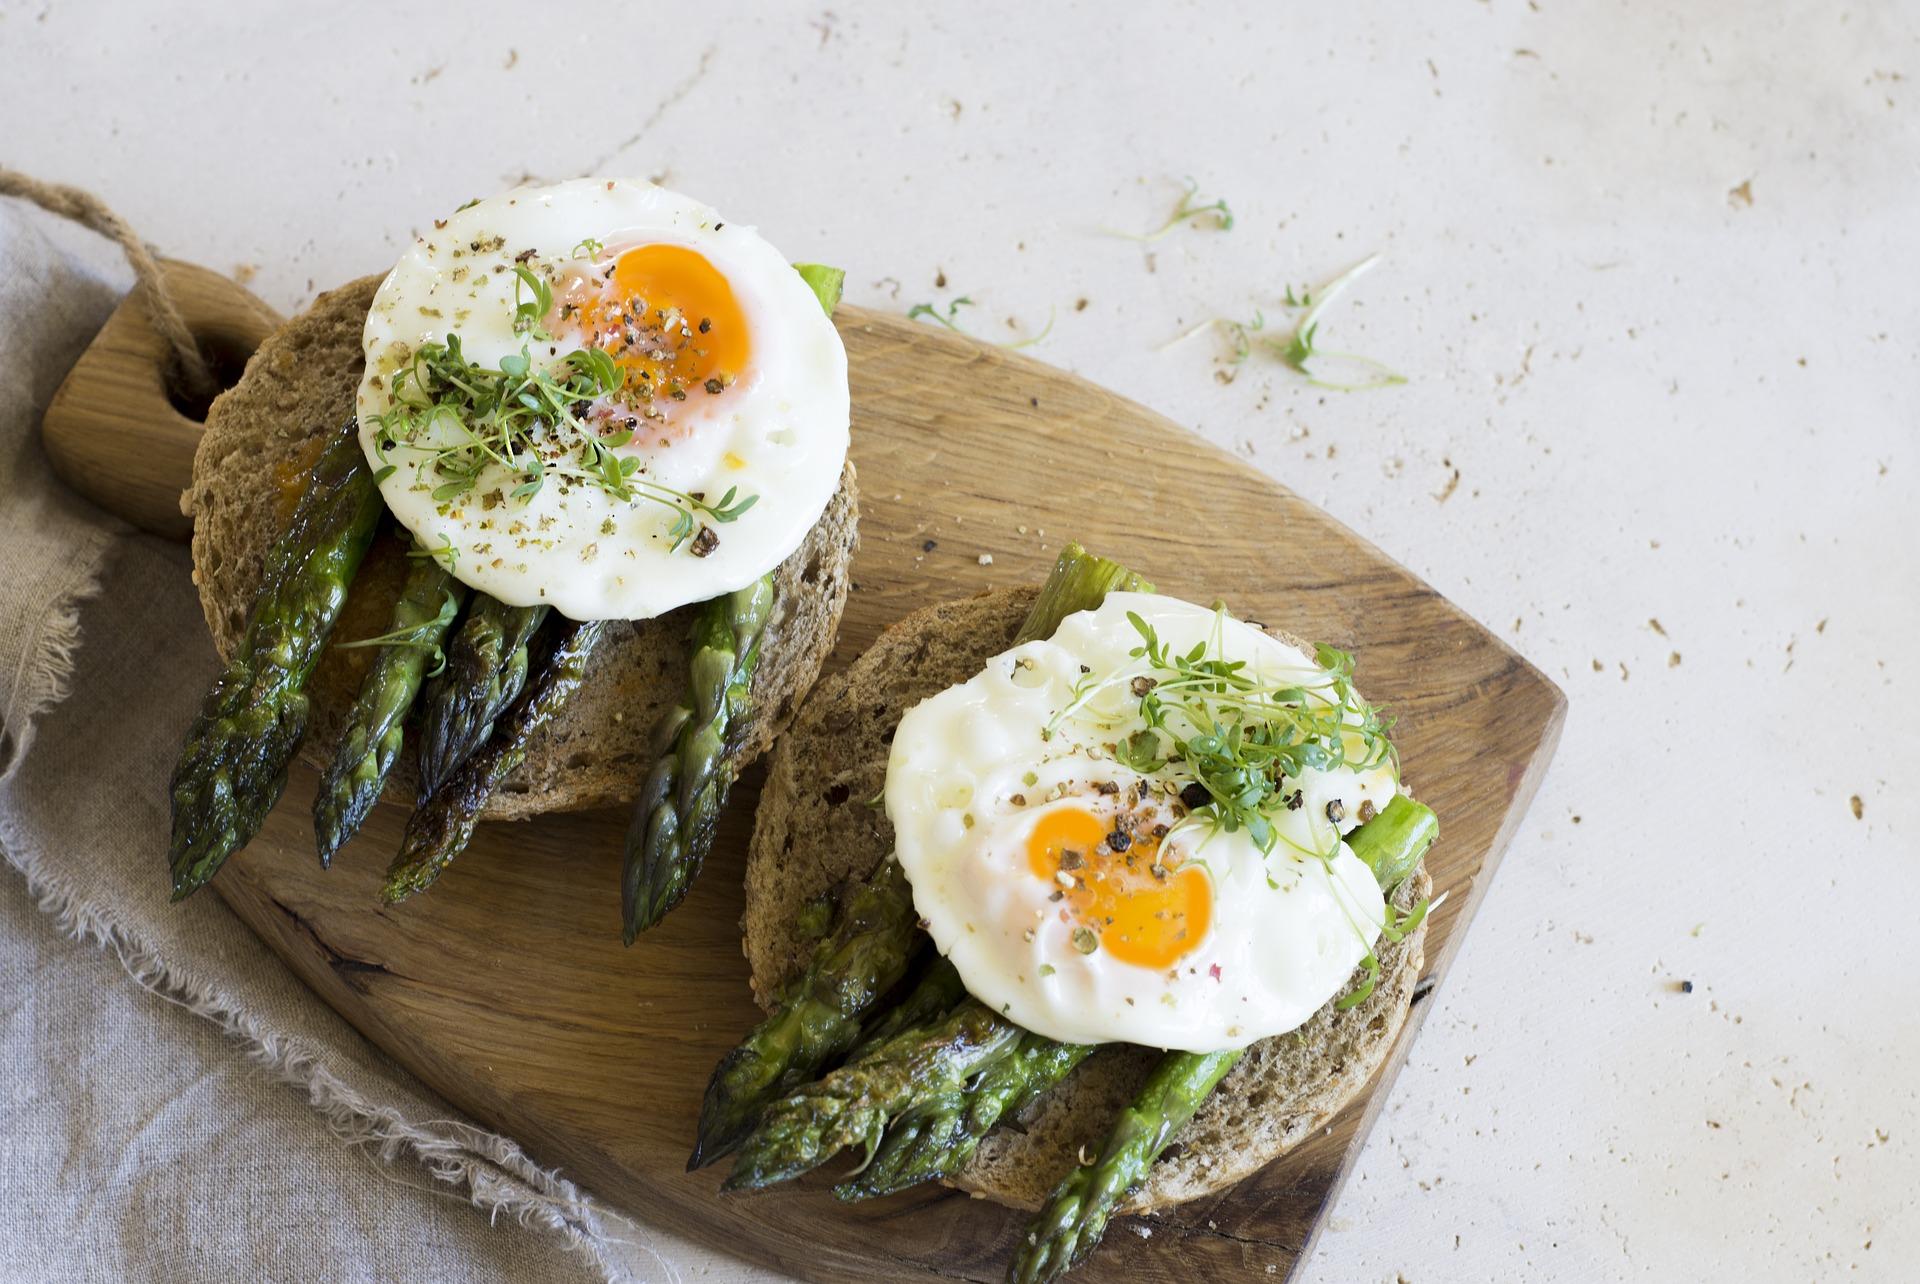 La clara de huevo destaca por su alto contenido proteico.